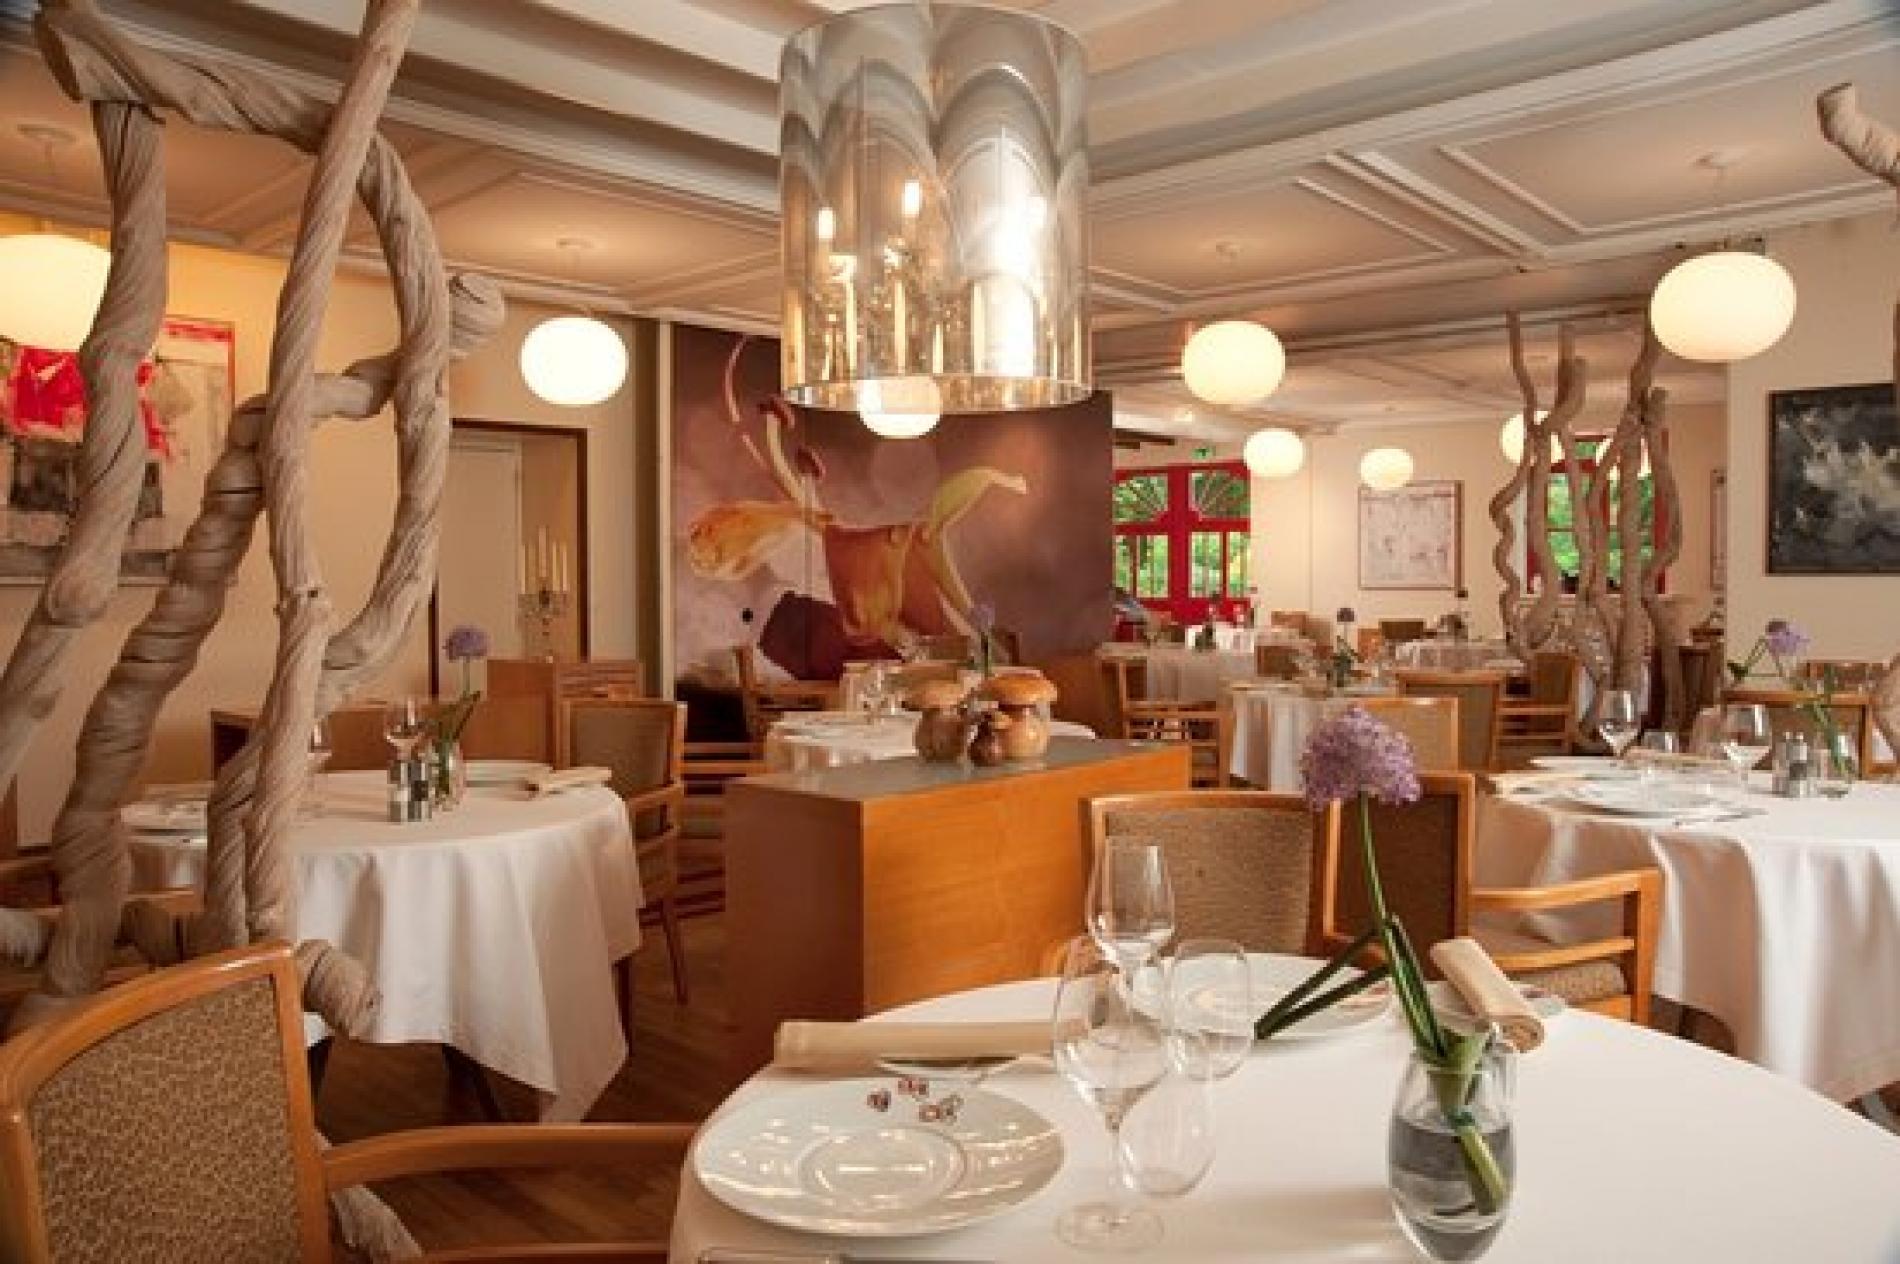 La Table du Manoir du lys The Table of the Manoir du Lys